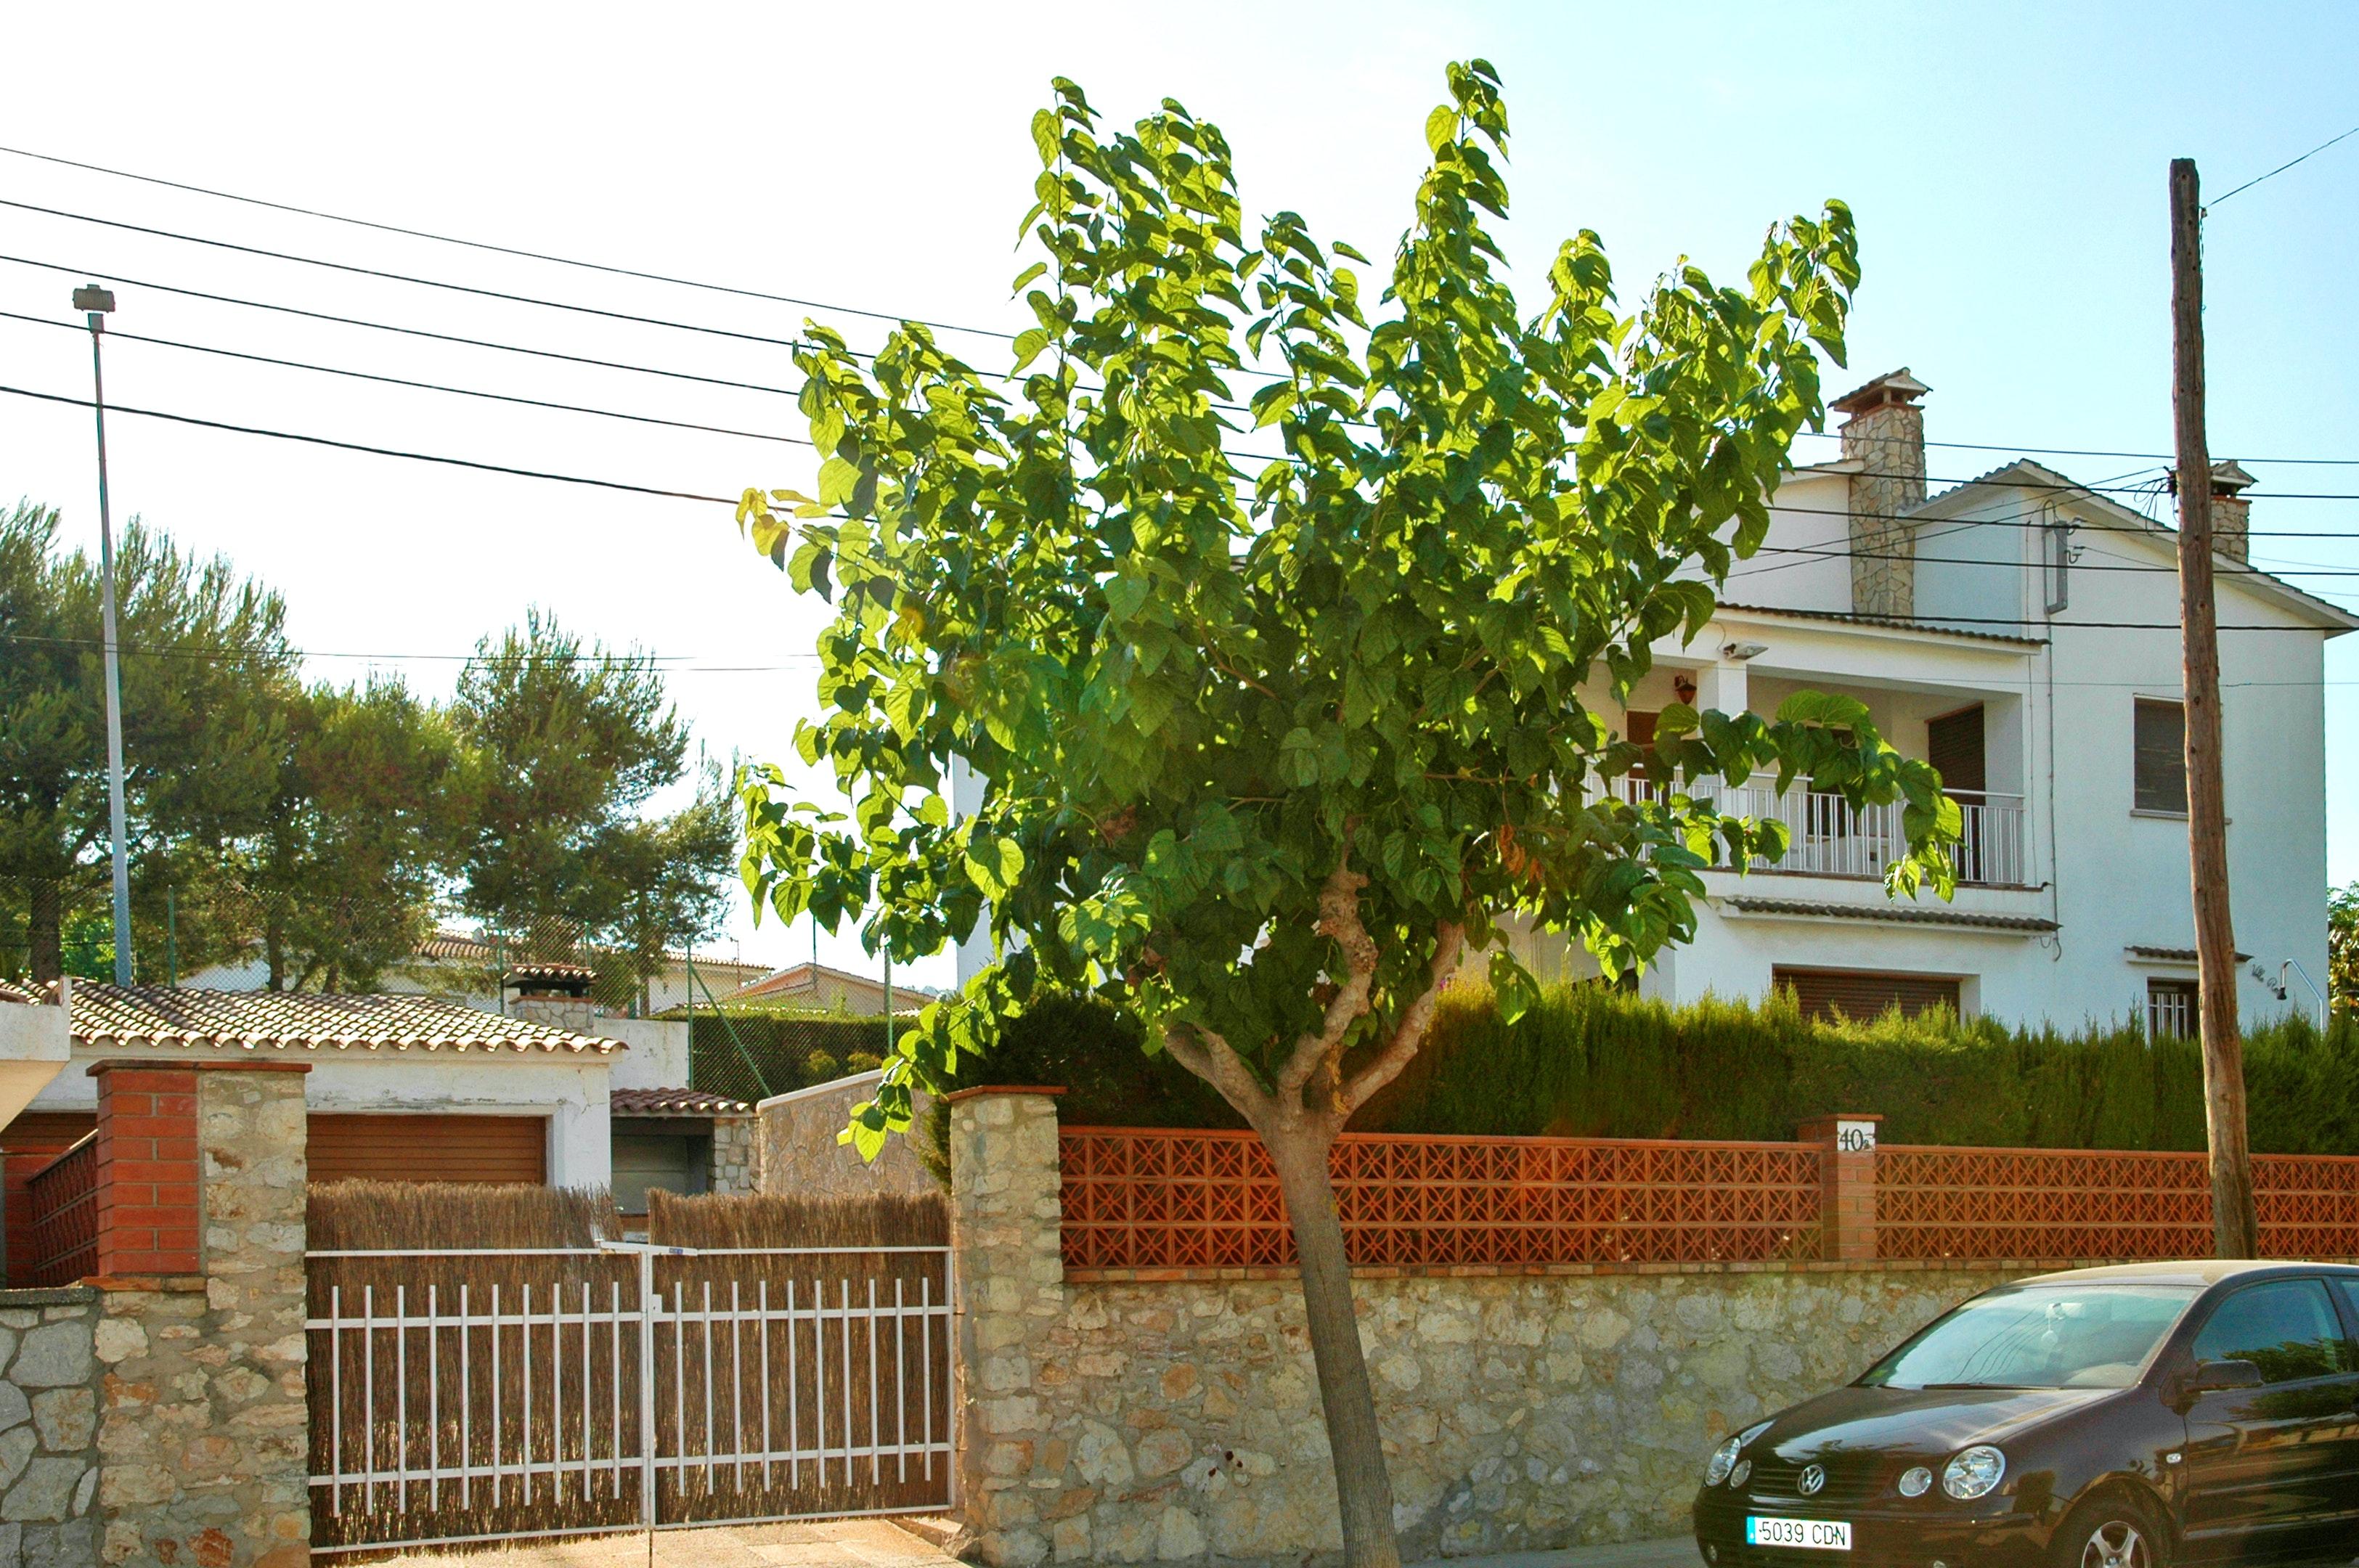 Ferienhaus Villa mit 6 Schlafzimmern in Canyelles mit toller Aussicht auf die Berge, privatem Pool, e (2339365), Canyelles, Costa del Garraf, Katalonien, Spanien, Bild 30